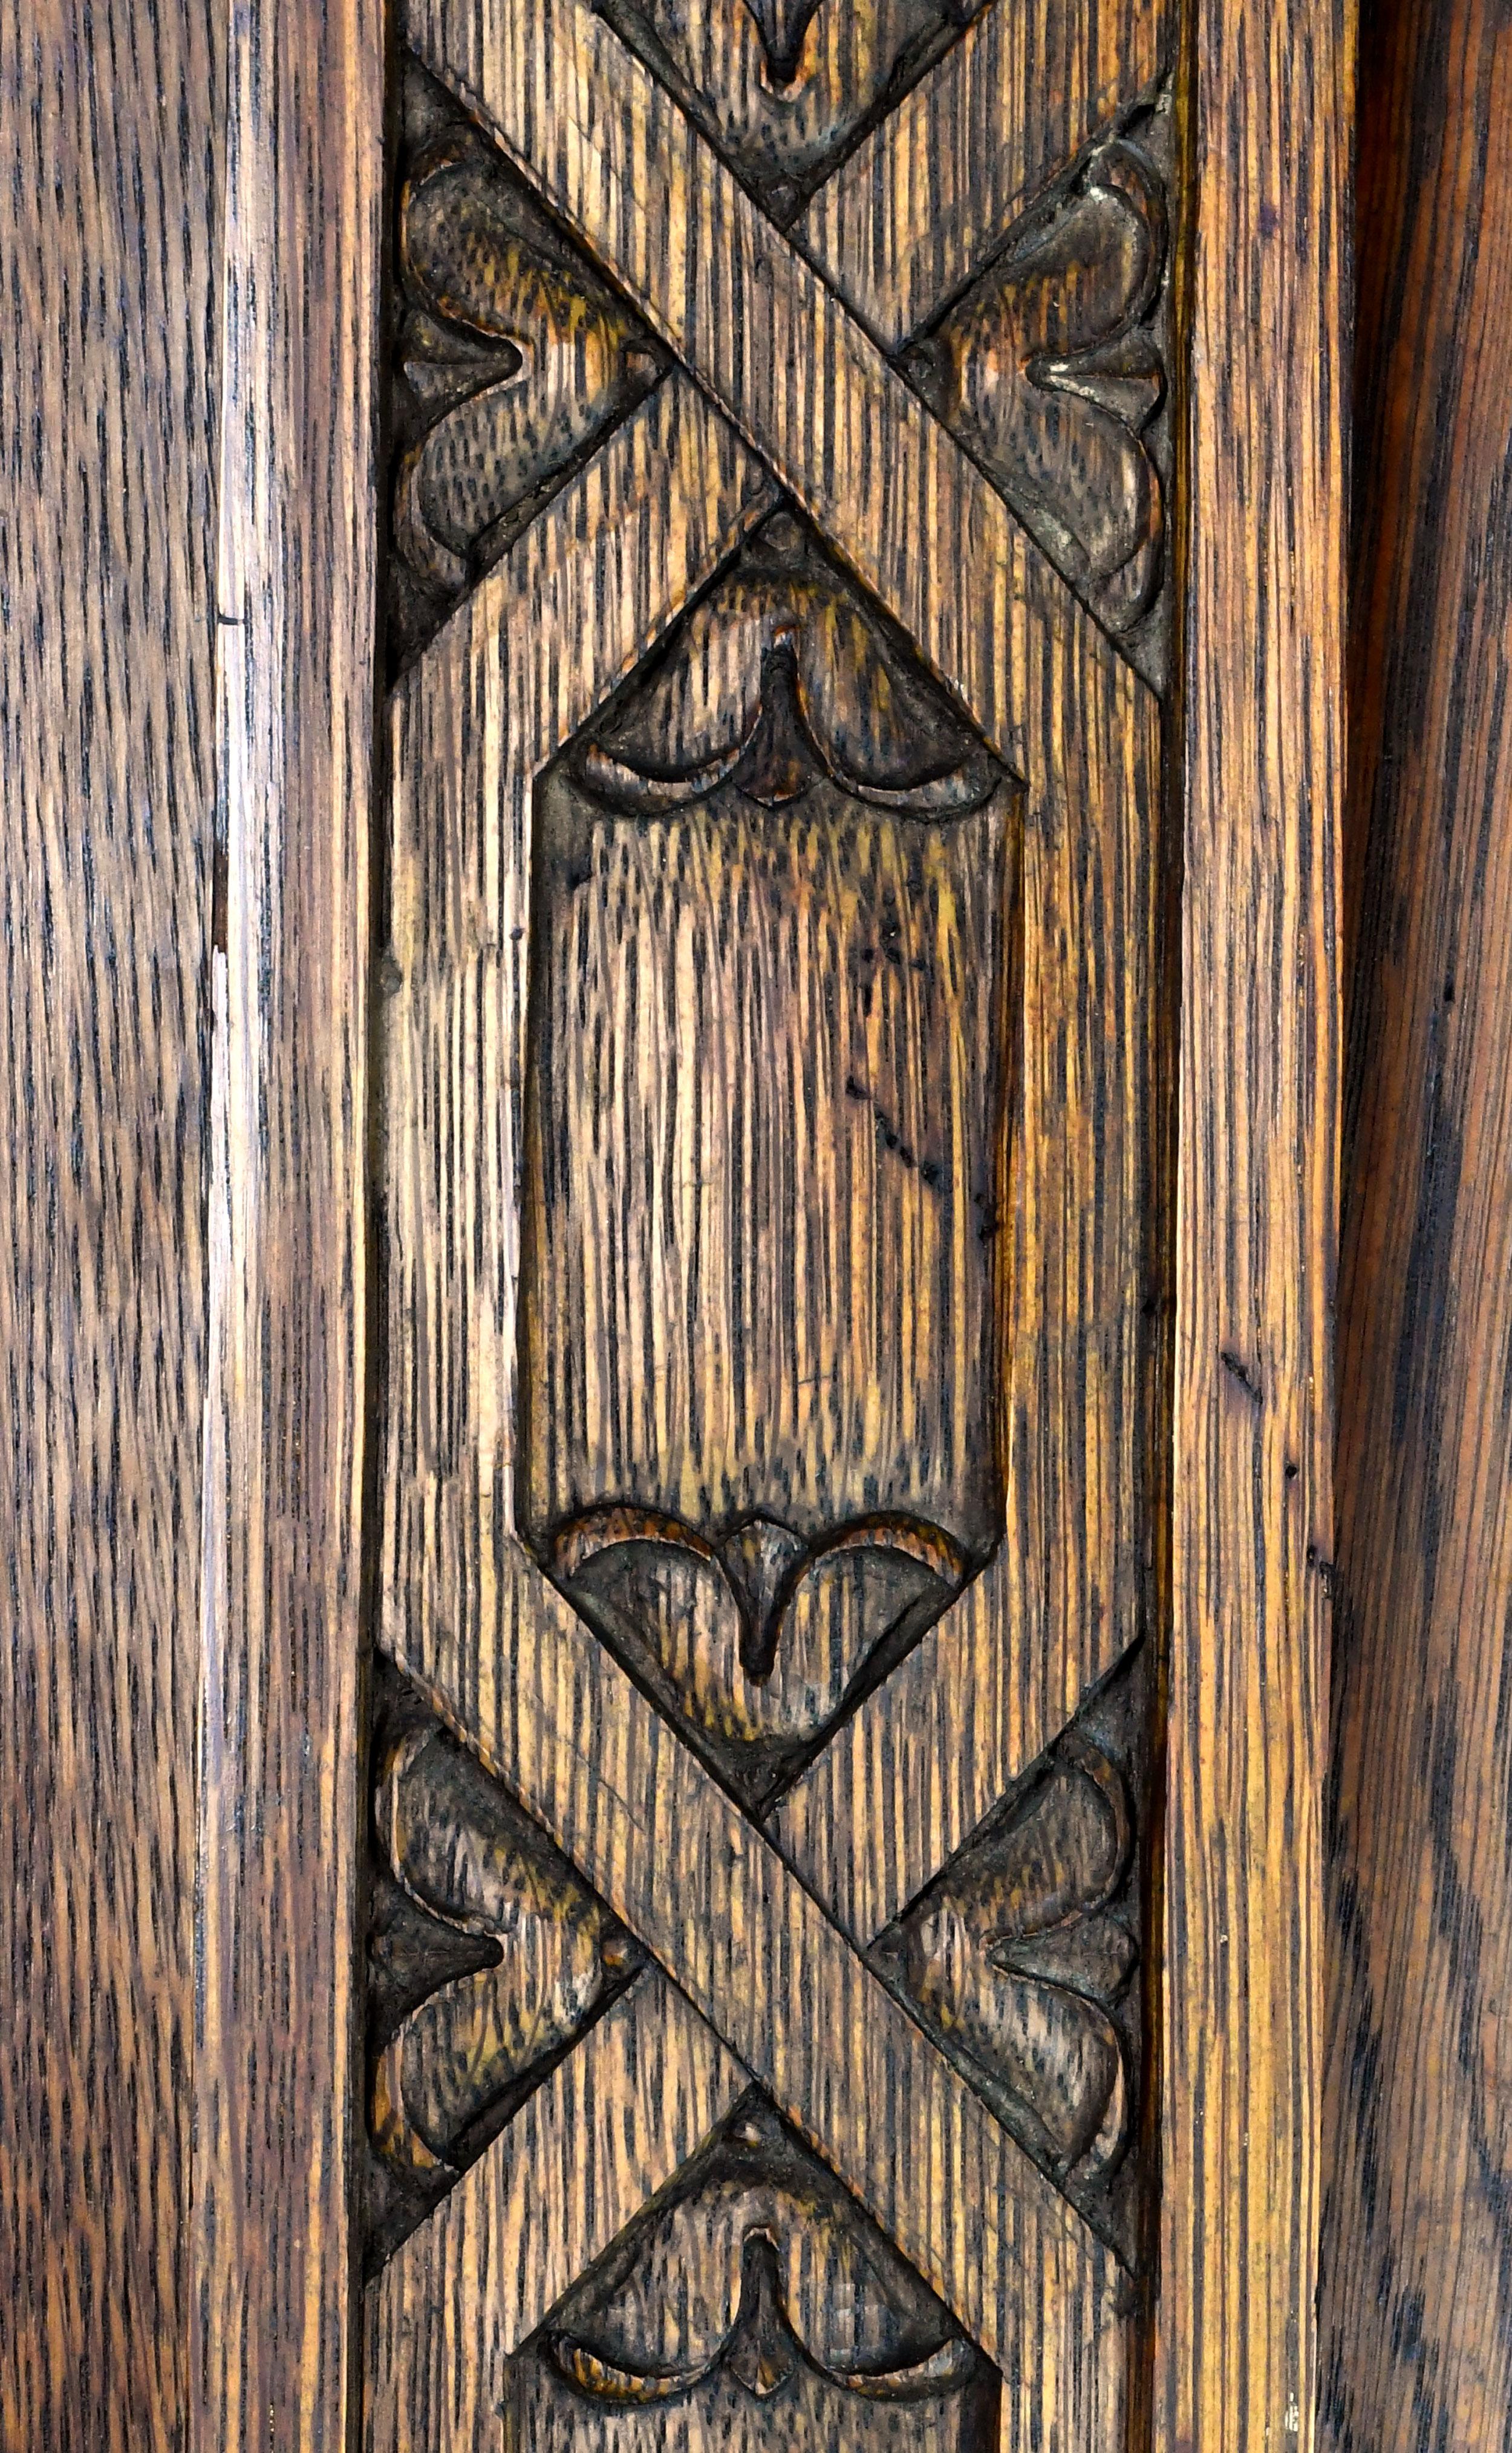 47334-large-bookcase-unit-wood-grain.jpg